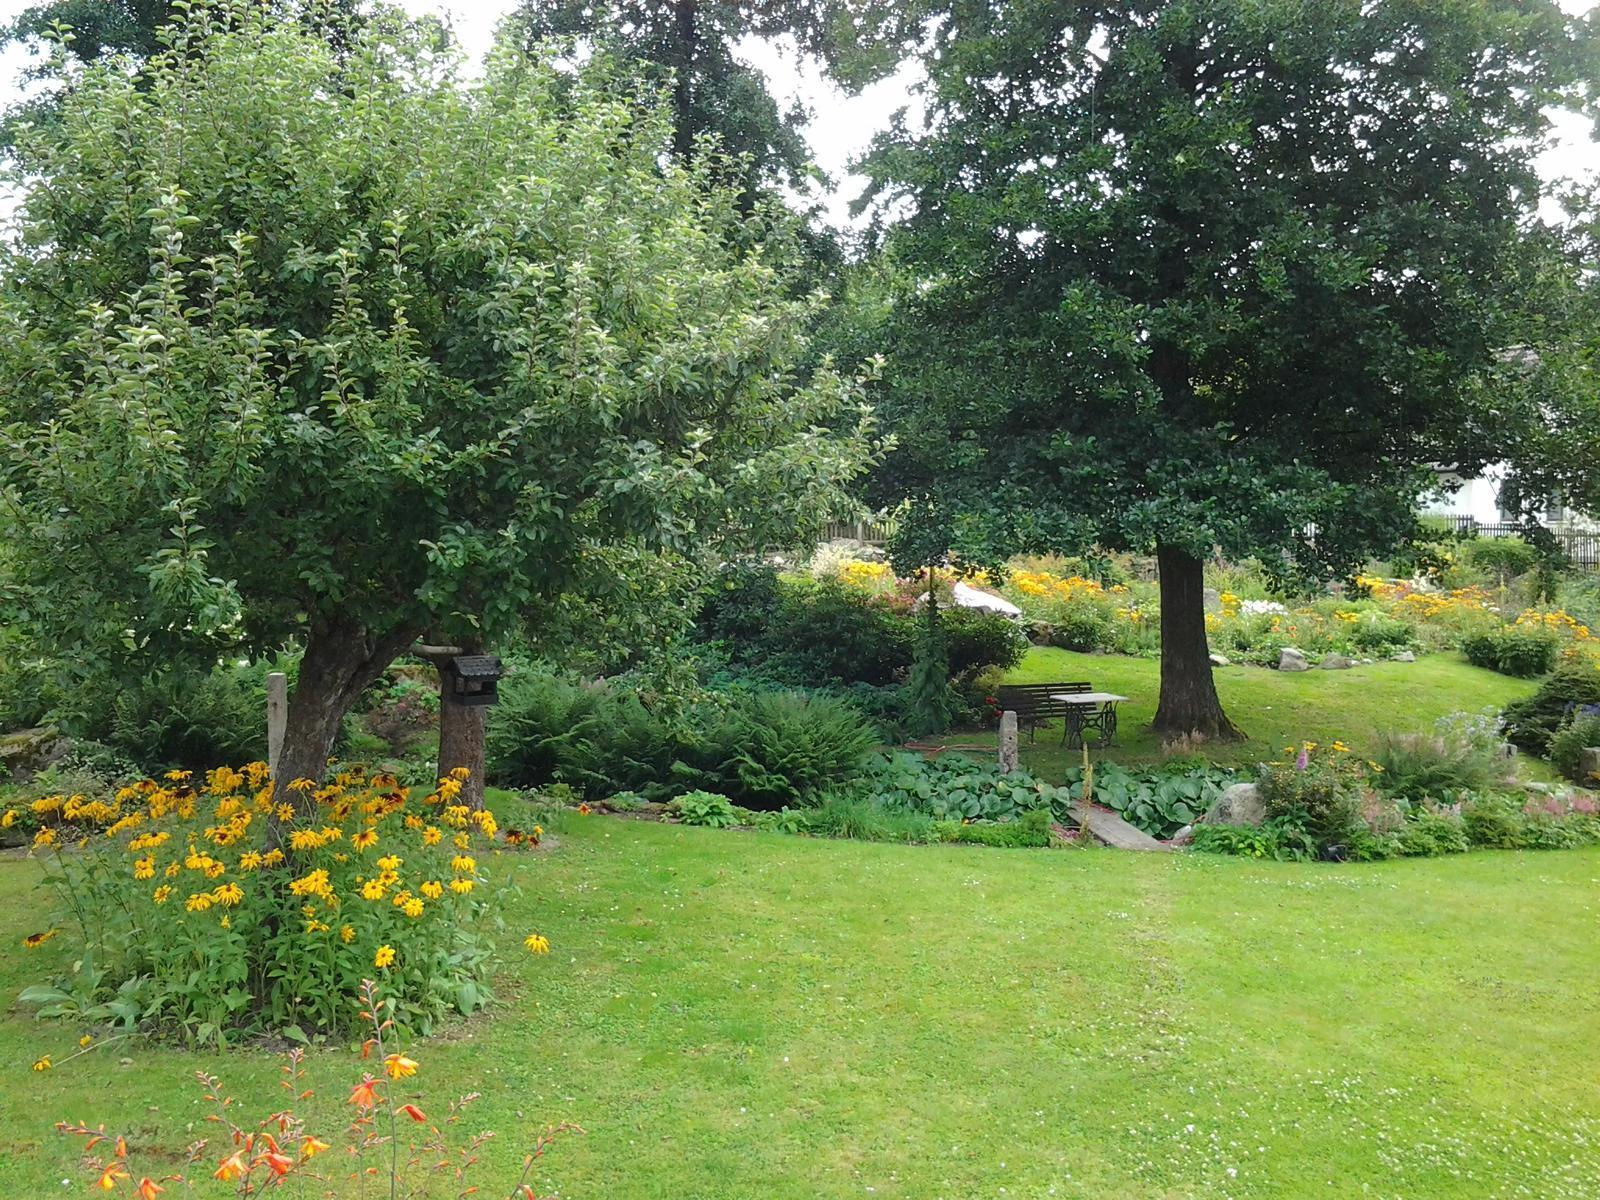 Jihočeská venkovská zahrada. - Třapatky se samy nastěhovaly i pod jabloň.